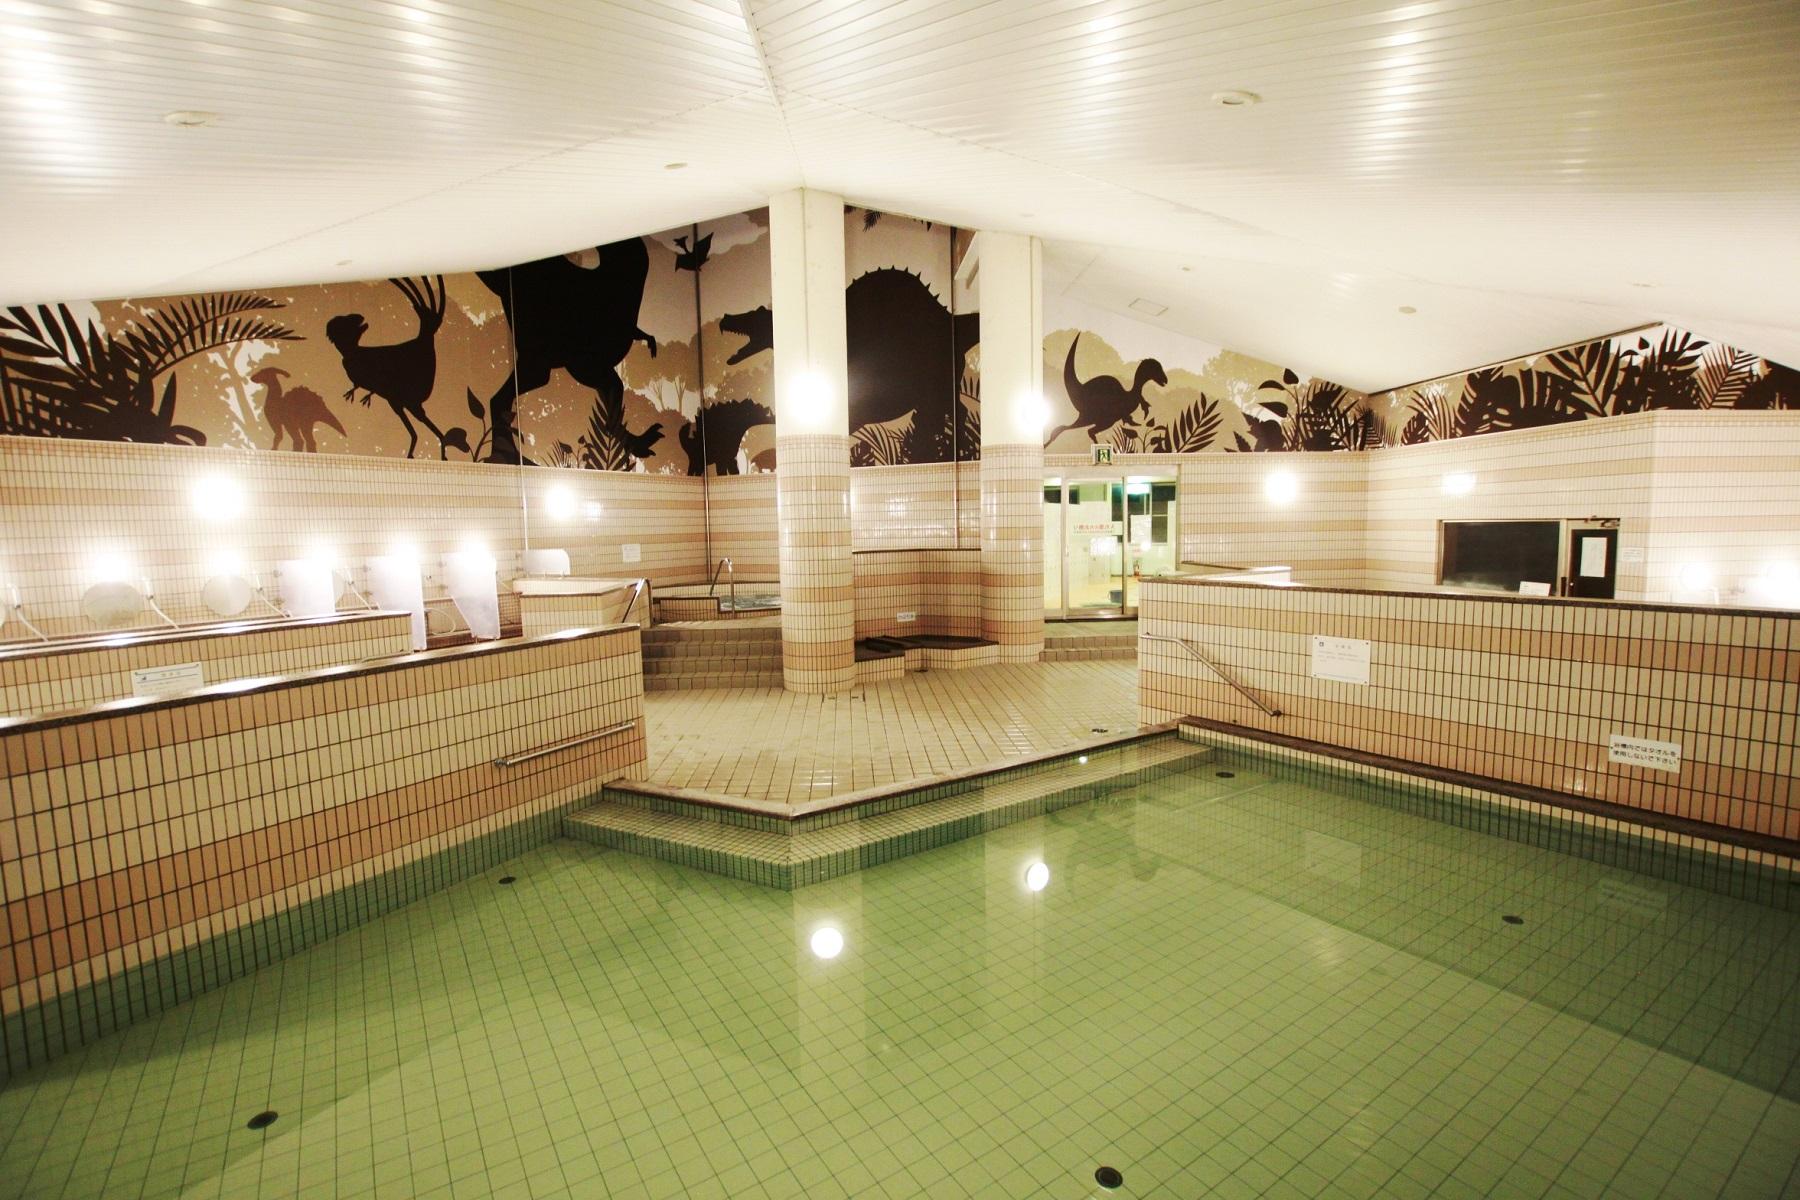 恐竜博物館周辺おすすめ温泉施設 勝山天然温泉水芭蕉